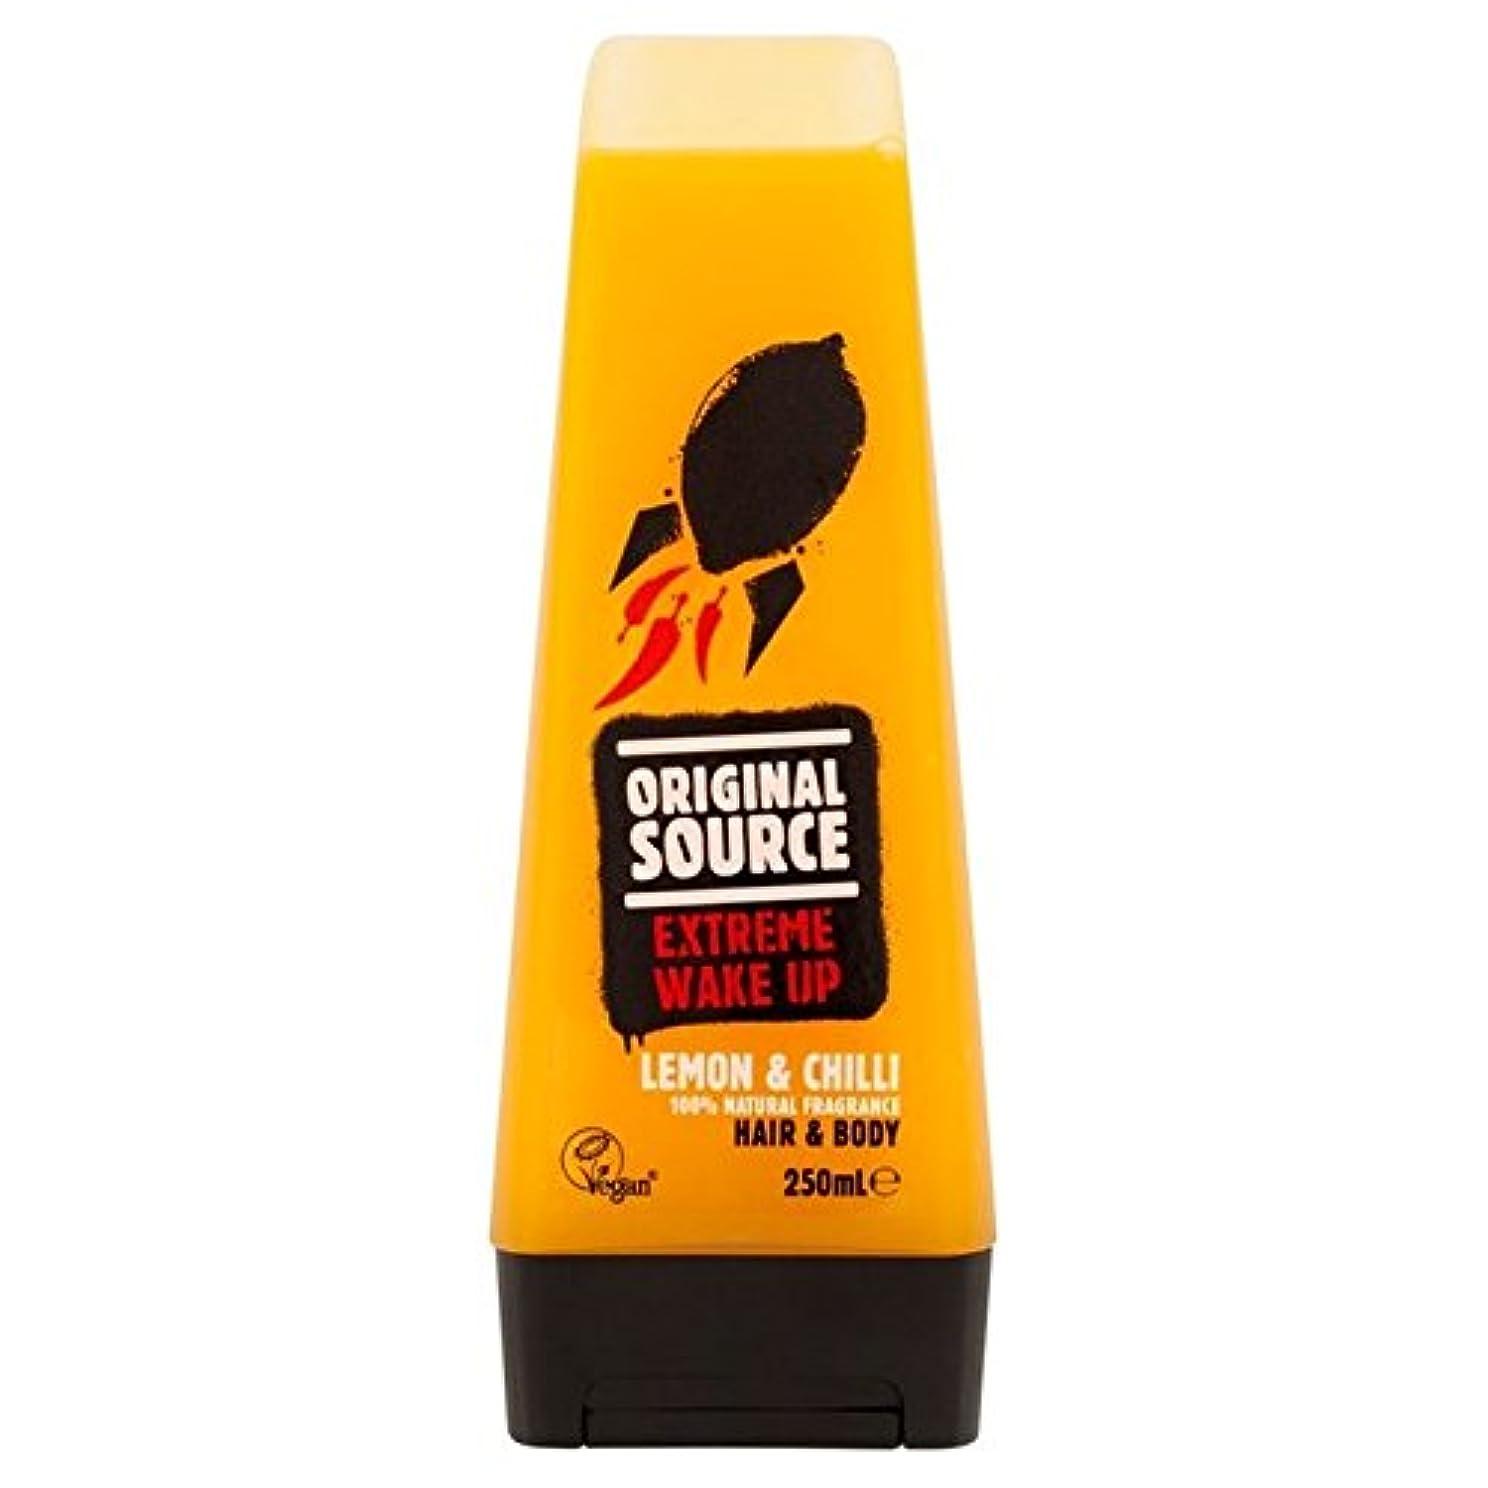 過ち共同選択第二に元のソースは、レモン&チリヘア&ボディシャワージェル250ミリリットルメンズ x4 - Original Source Mens Lemon & Chilli Hair & Body Shower Gel 250ml (...